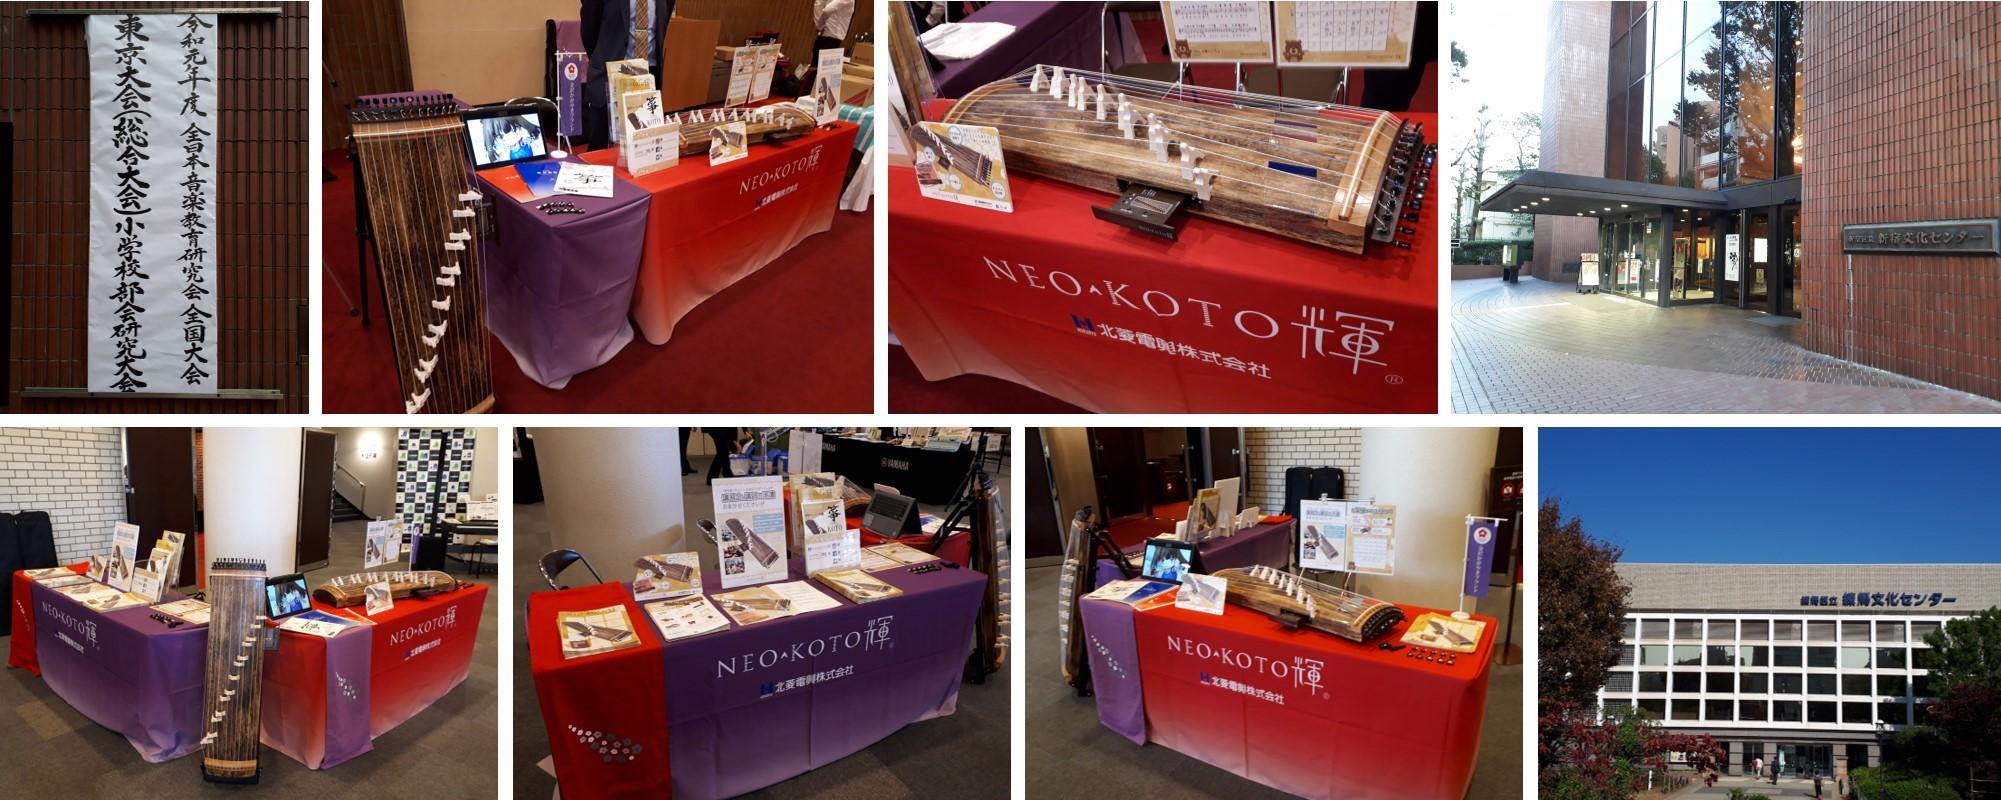 2019年10月31日、11月1日:令和元年度全日本音楽教育研究会 全国大会 東京大会に出展